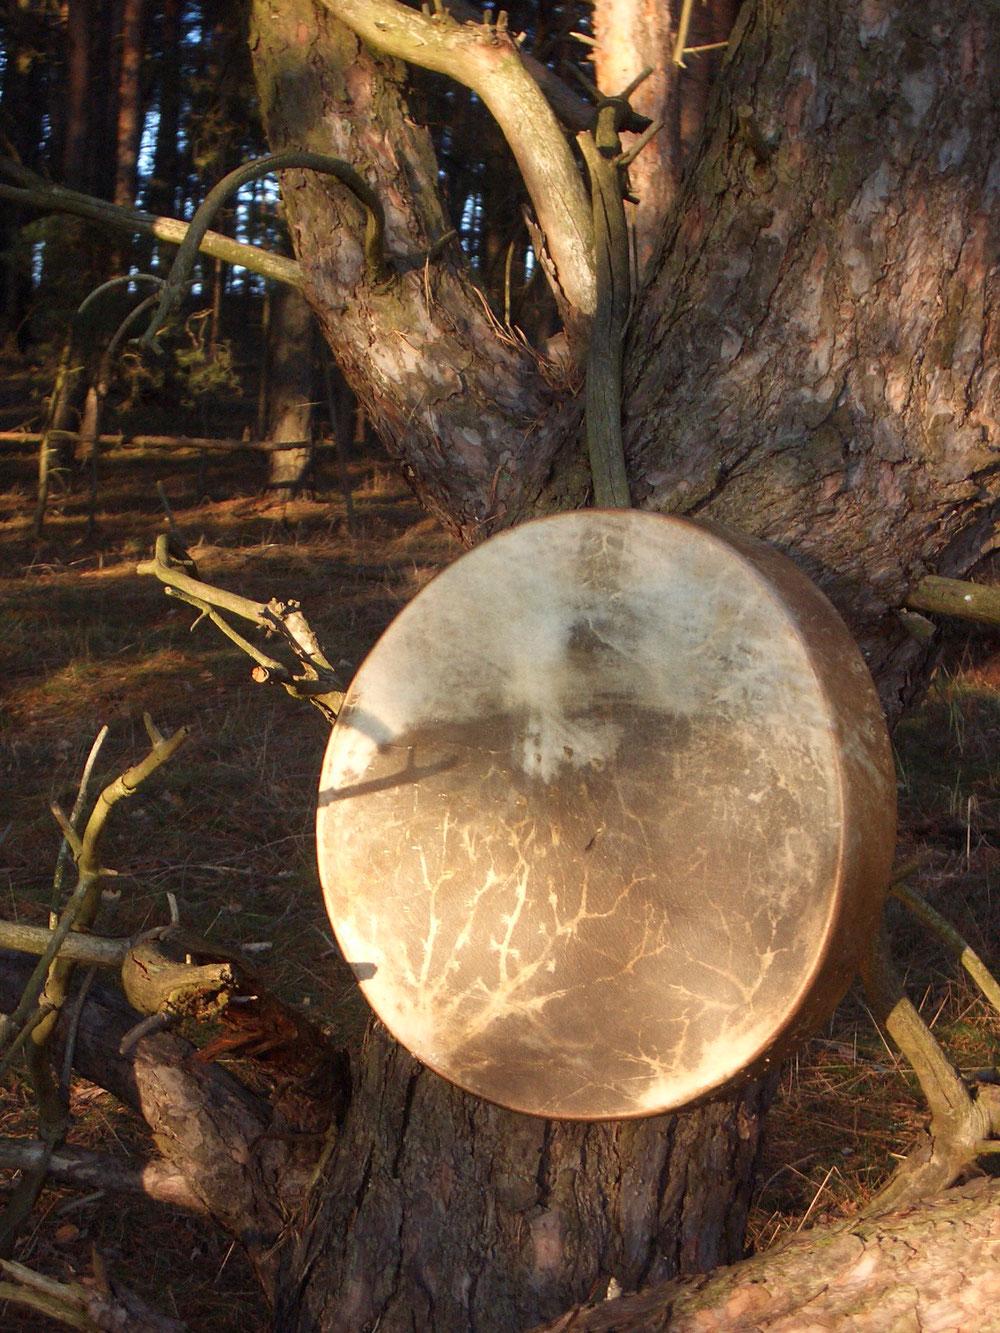 Auf dem Bild sehen Sie eine schamanische Trommel aus der Haut von einem australischen Strauß, die ich vor einigen Jahren für ein besonderes Ritual baute. Straußenadern - die weit verzweigten Äste eines Baumes, der dem Himmel entgegen wächst.